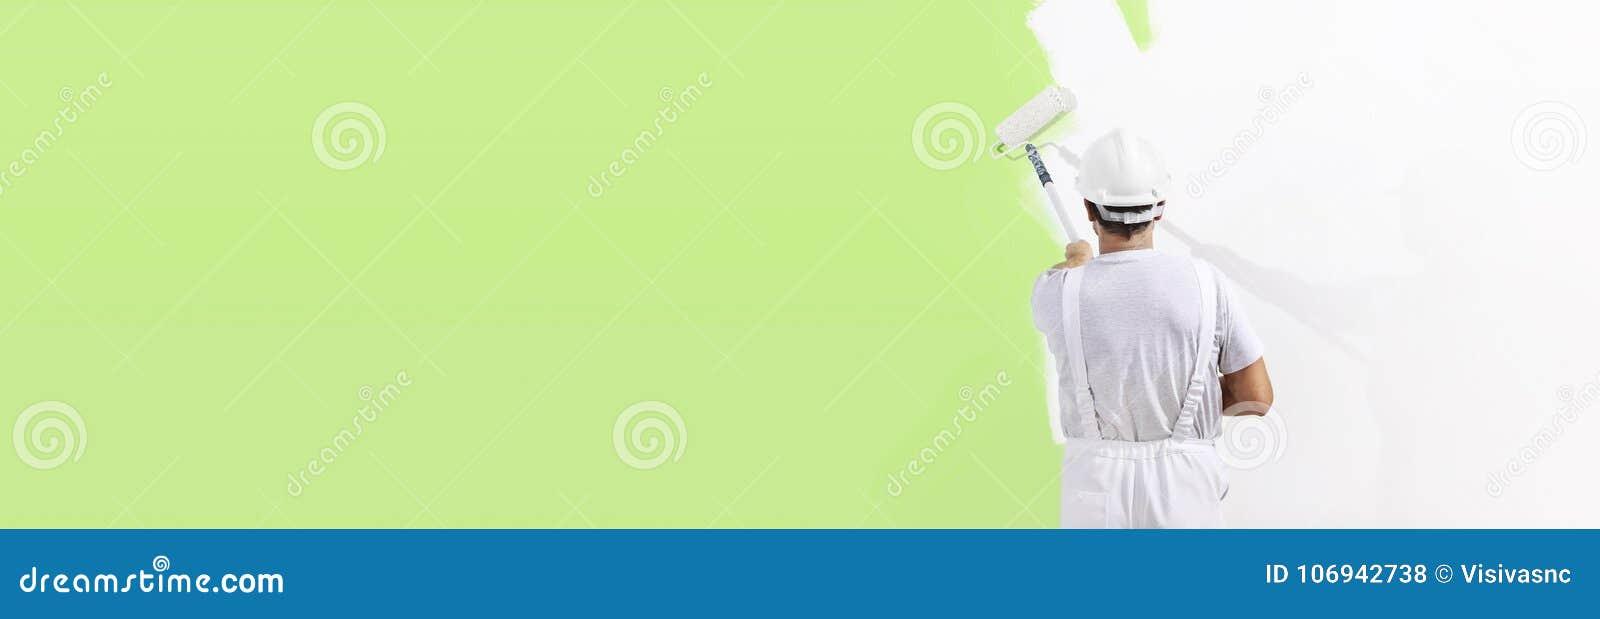 Hombre del pintor en el trabajo con un rodillo de pintura, cuesta del verde de la pintura de pared